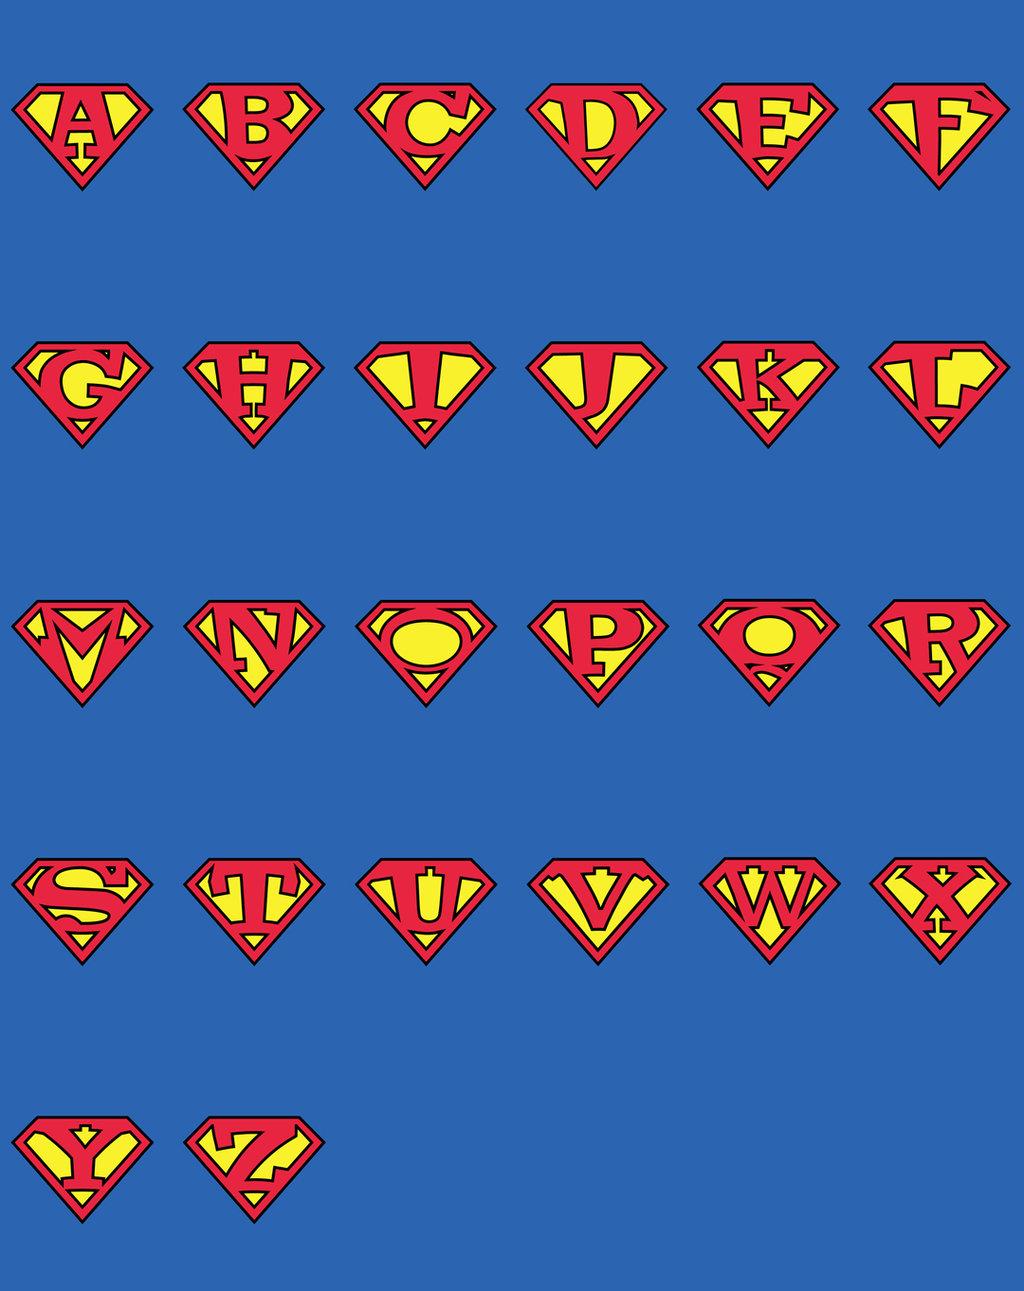 13 Superman Alphabet Font Images - Superman Style Font ...